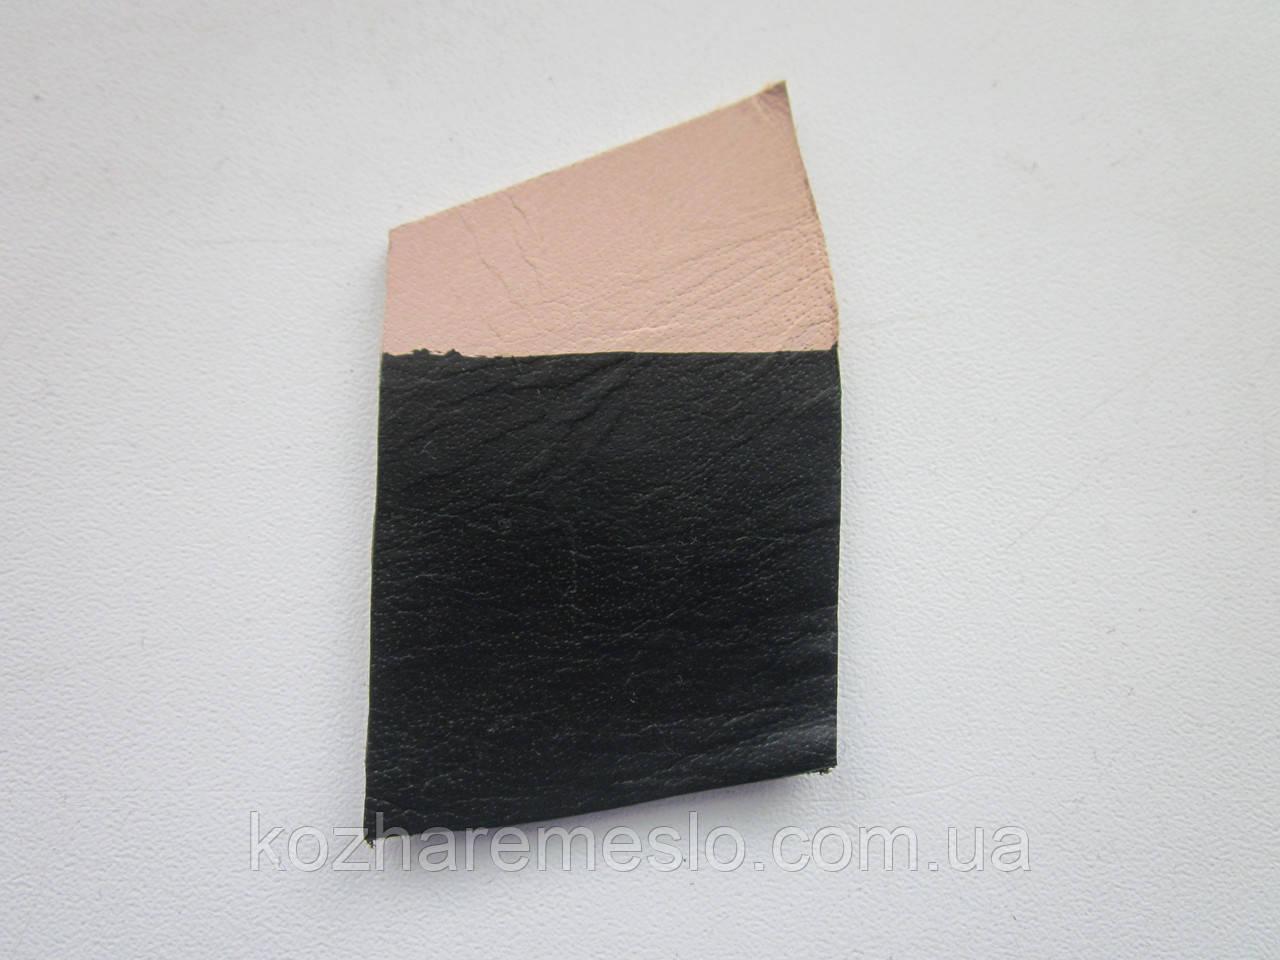 Фарба для шкіри HP COLOURS Fenice на водній основі пігментна 50 мл чорна (Італія)